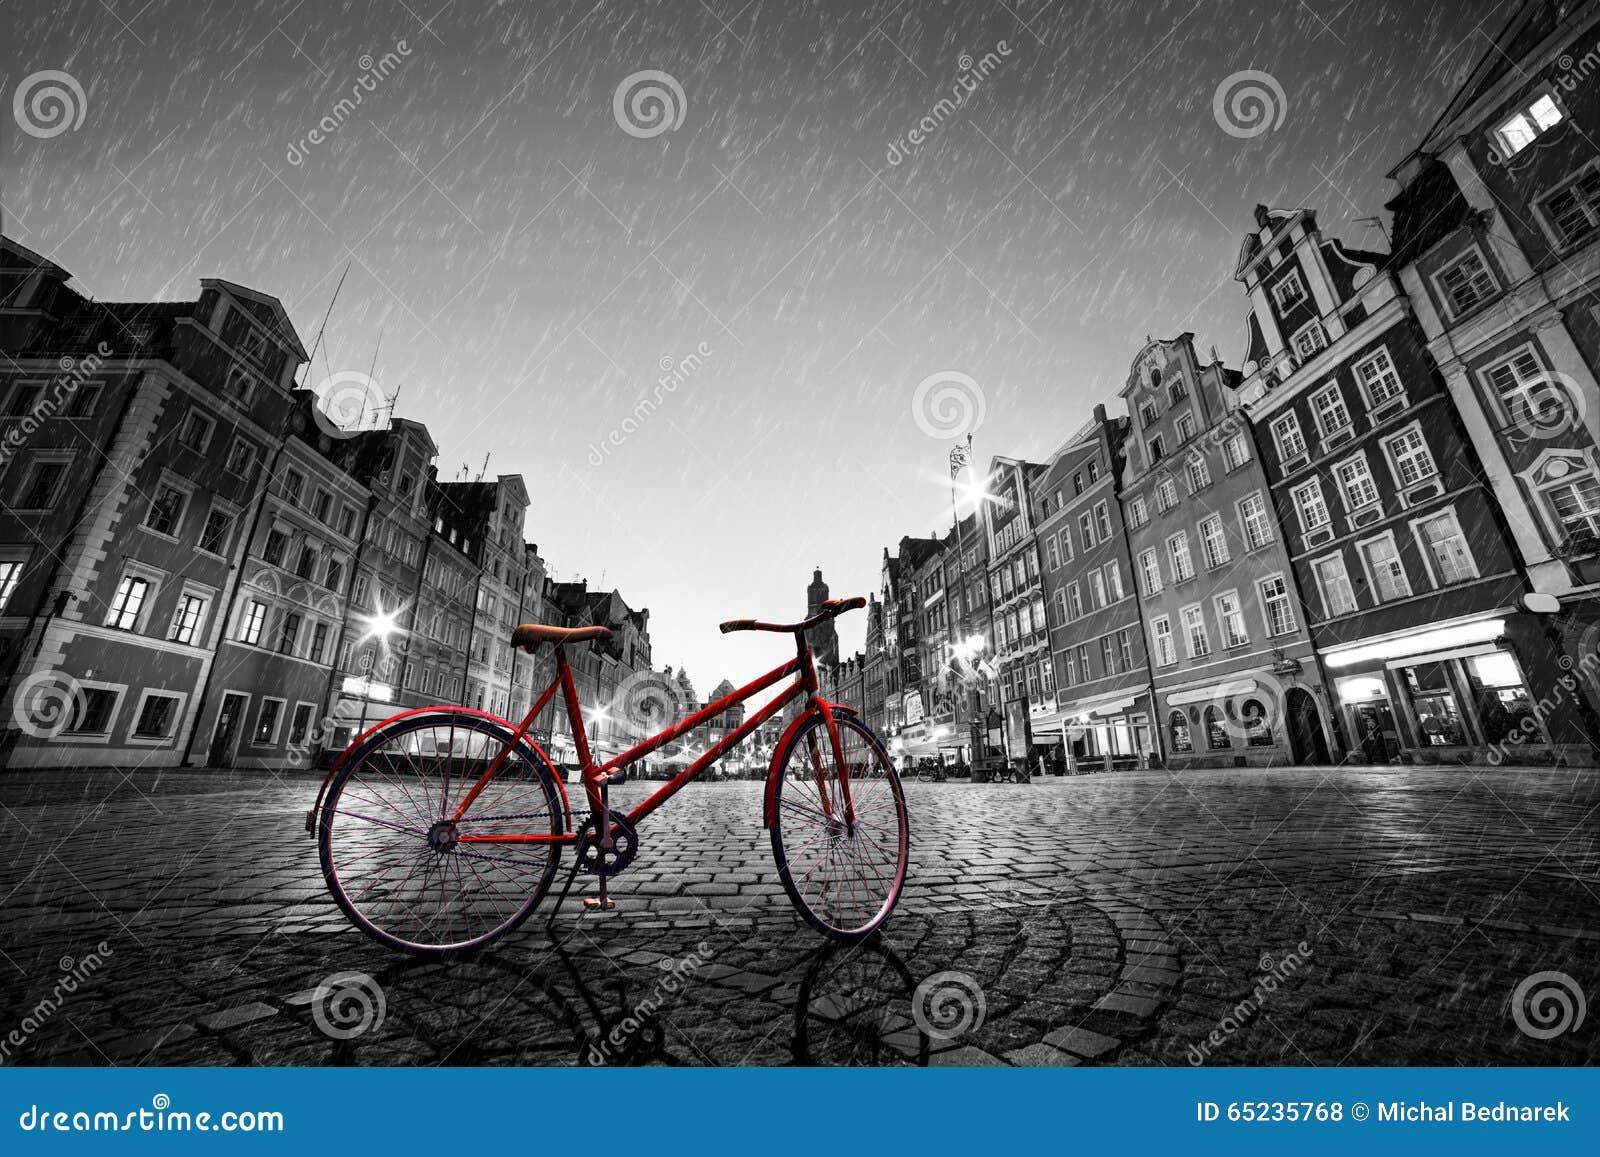 Röd cykel för tappning på historisk gammal stad för kullersten i regn poland wroclaw